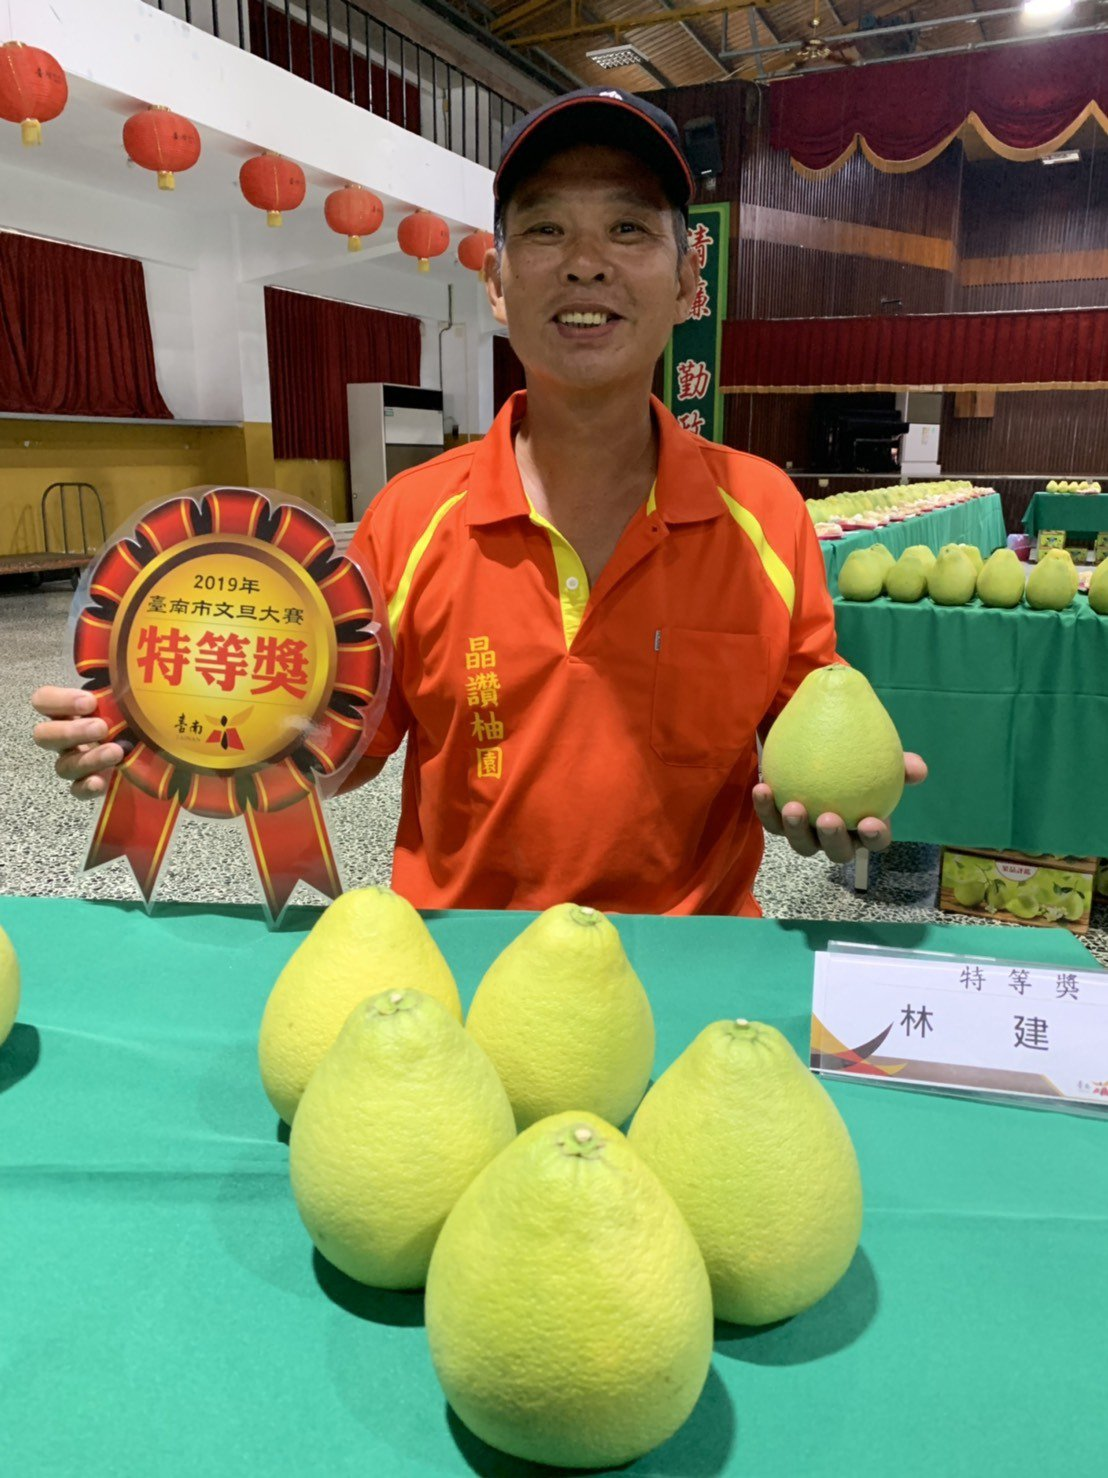 麻豆柚農林建良獲今年台南文旦王。記者吳淑玲/攝影